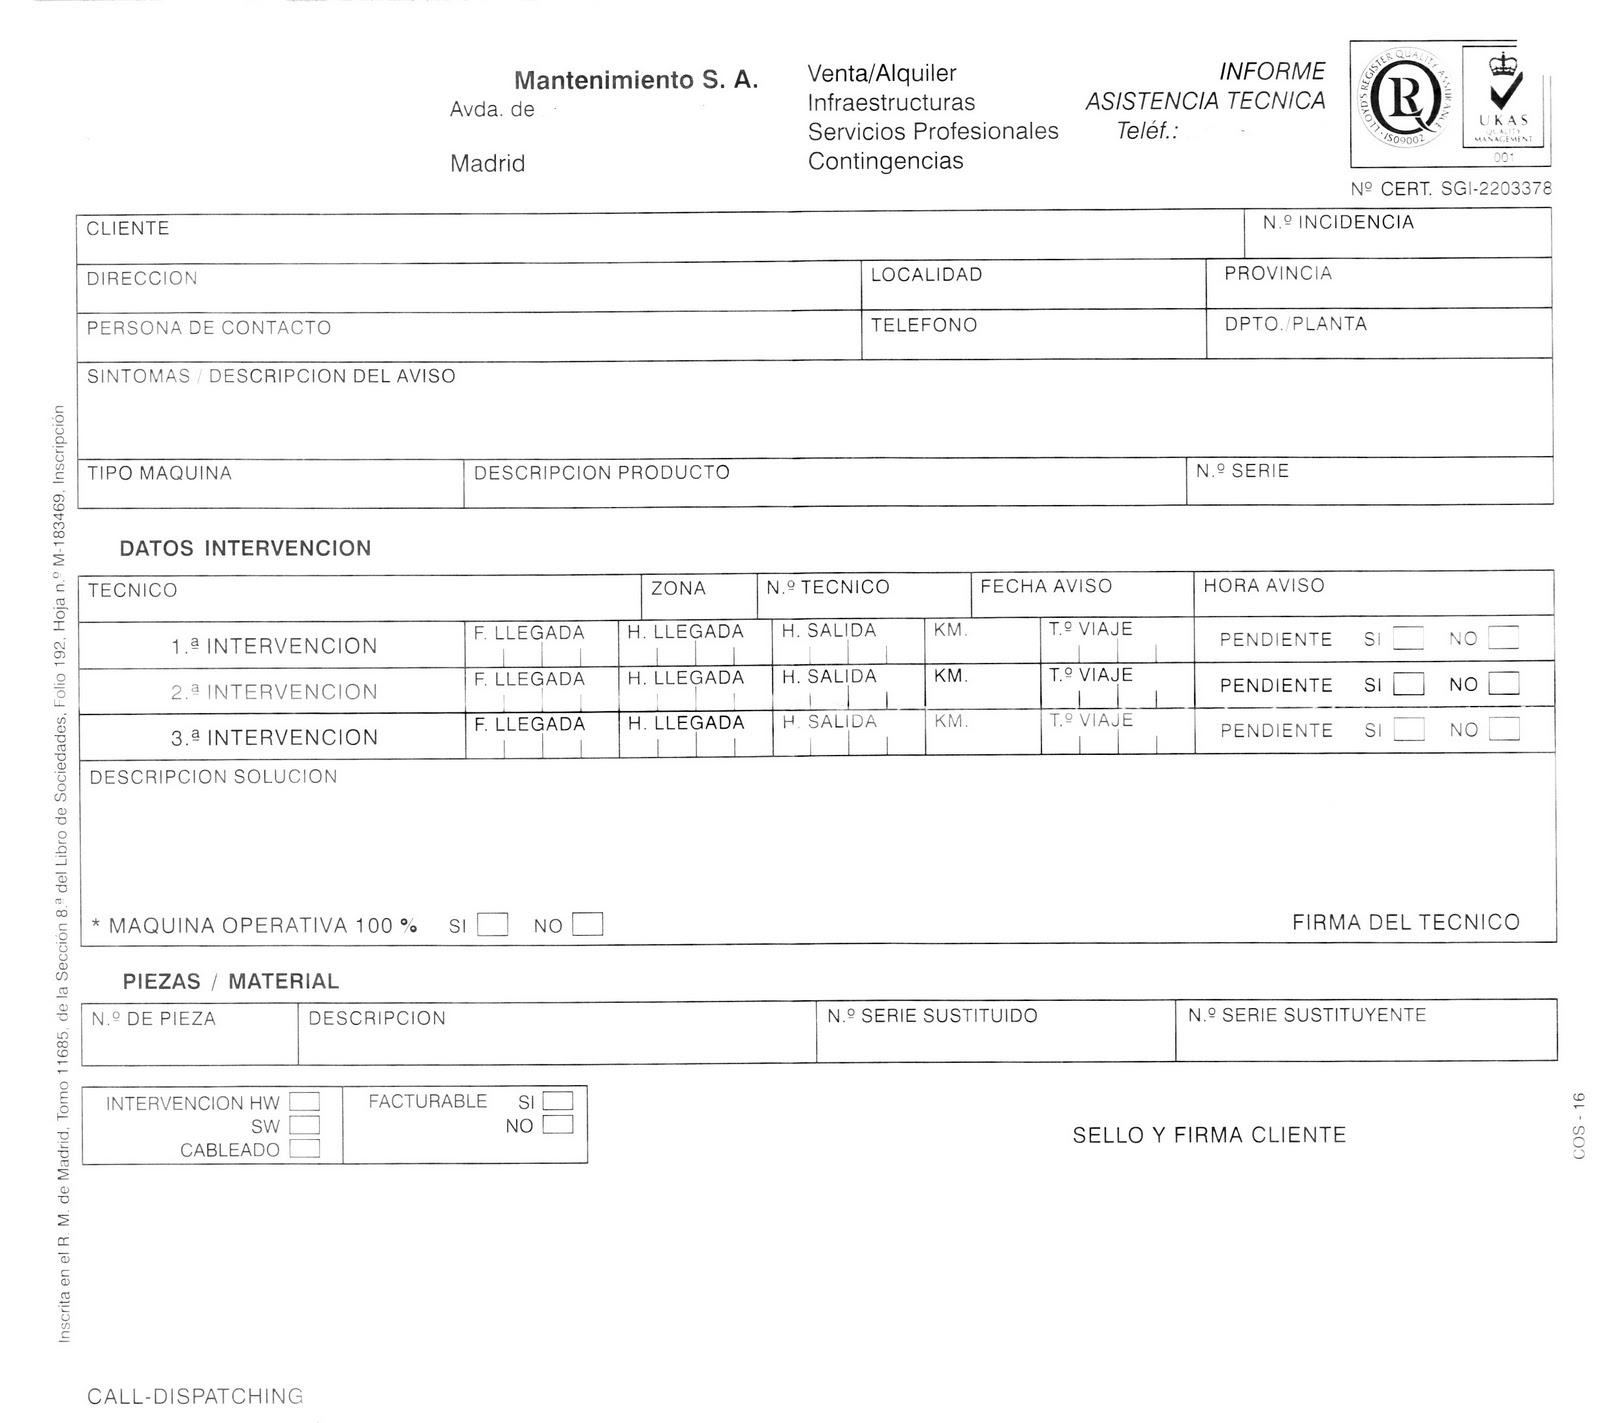 Modelo de RMA o Informe de Asistencia Técnica ~ Ciclos, TIC y PDI ...